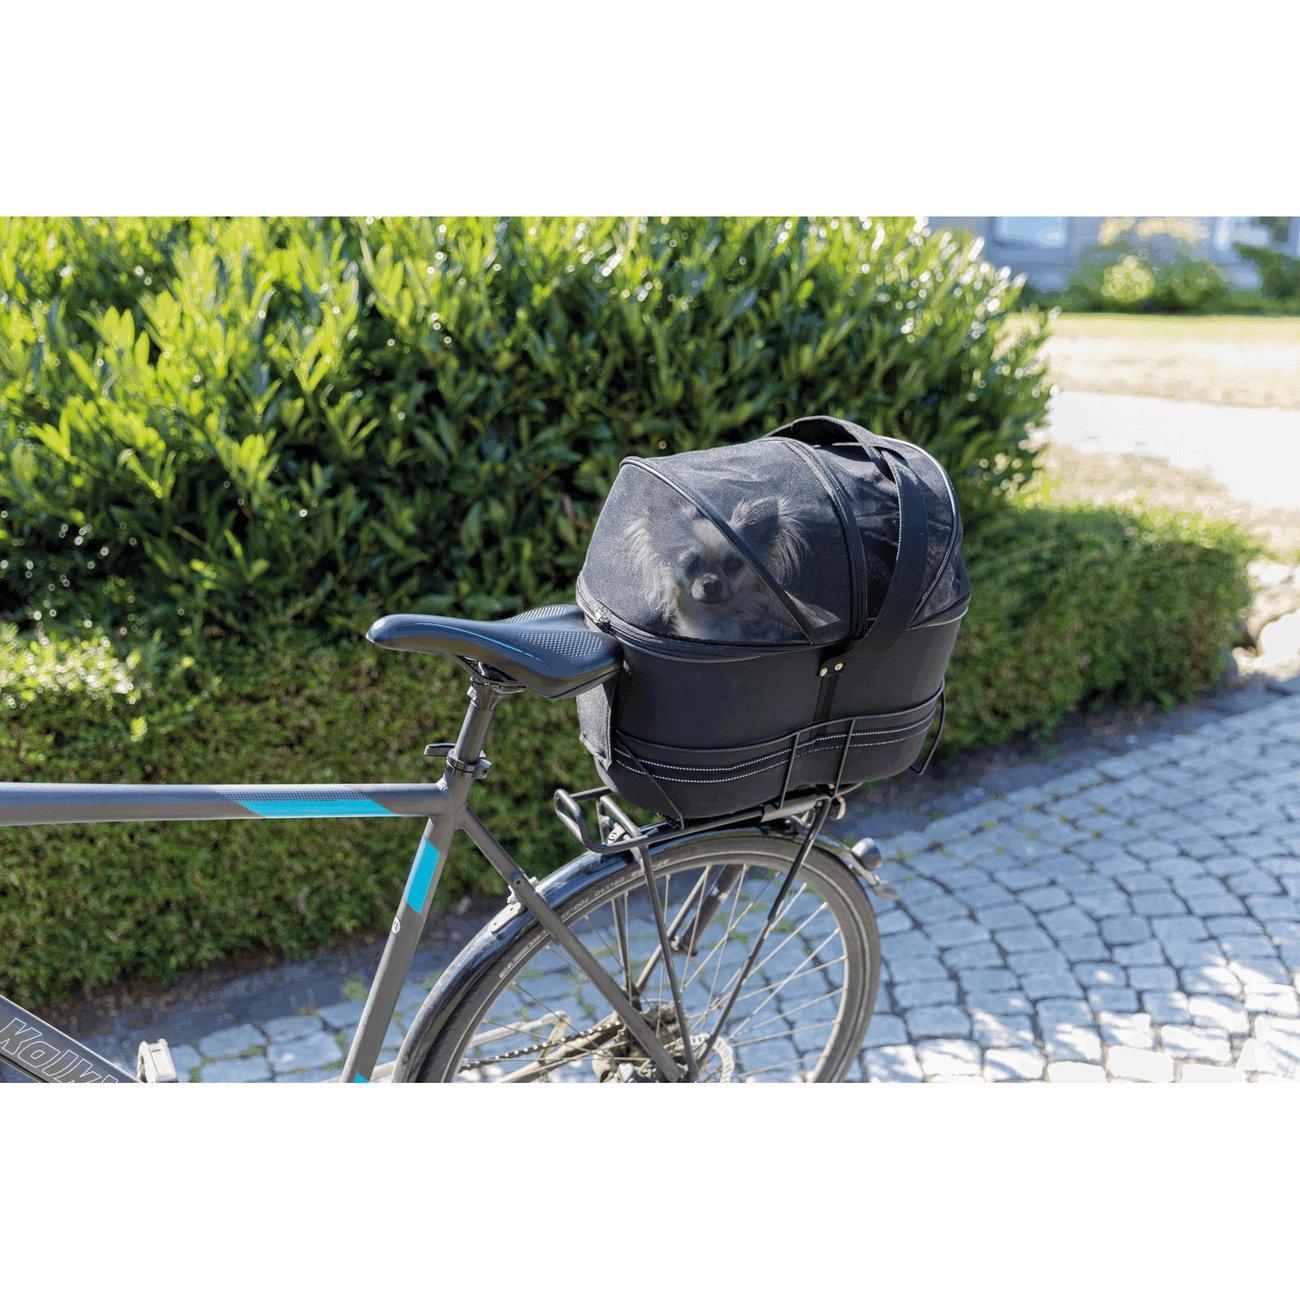 TRIXIE Hunde-Fahrradkorb für schmale Gepäckträger 13111, Bild 10